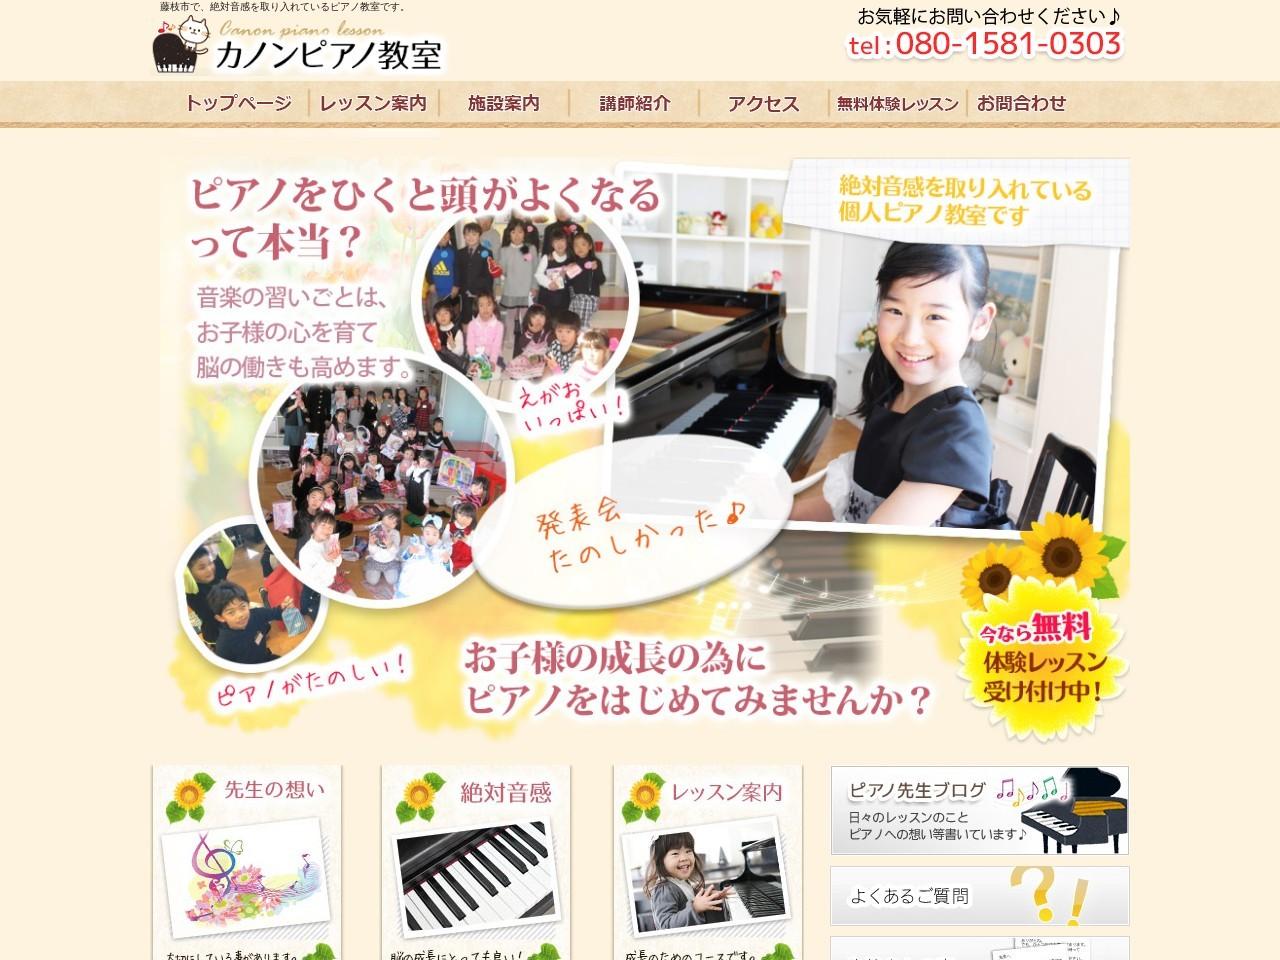 カノンピアノ教室のサムネイル